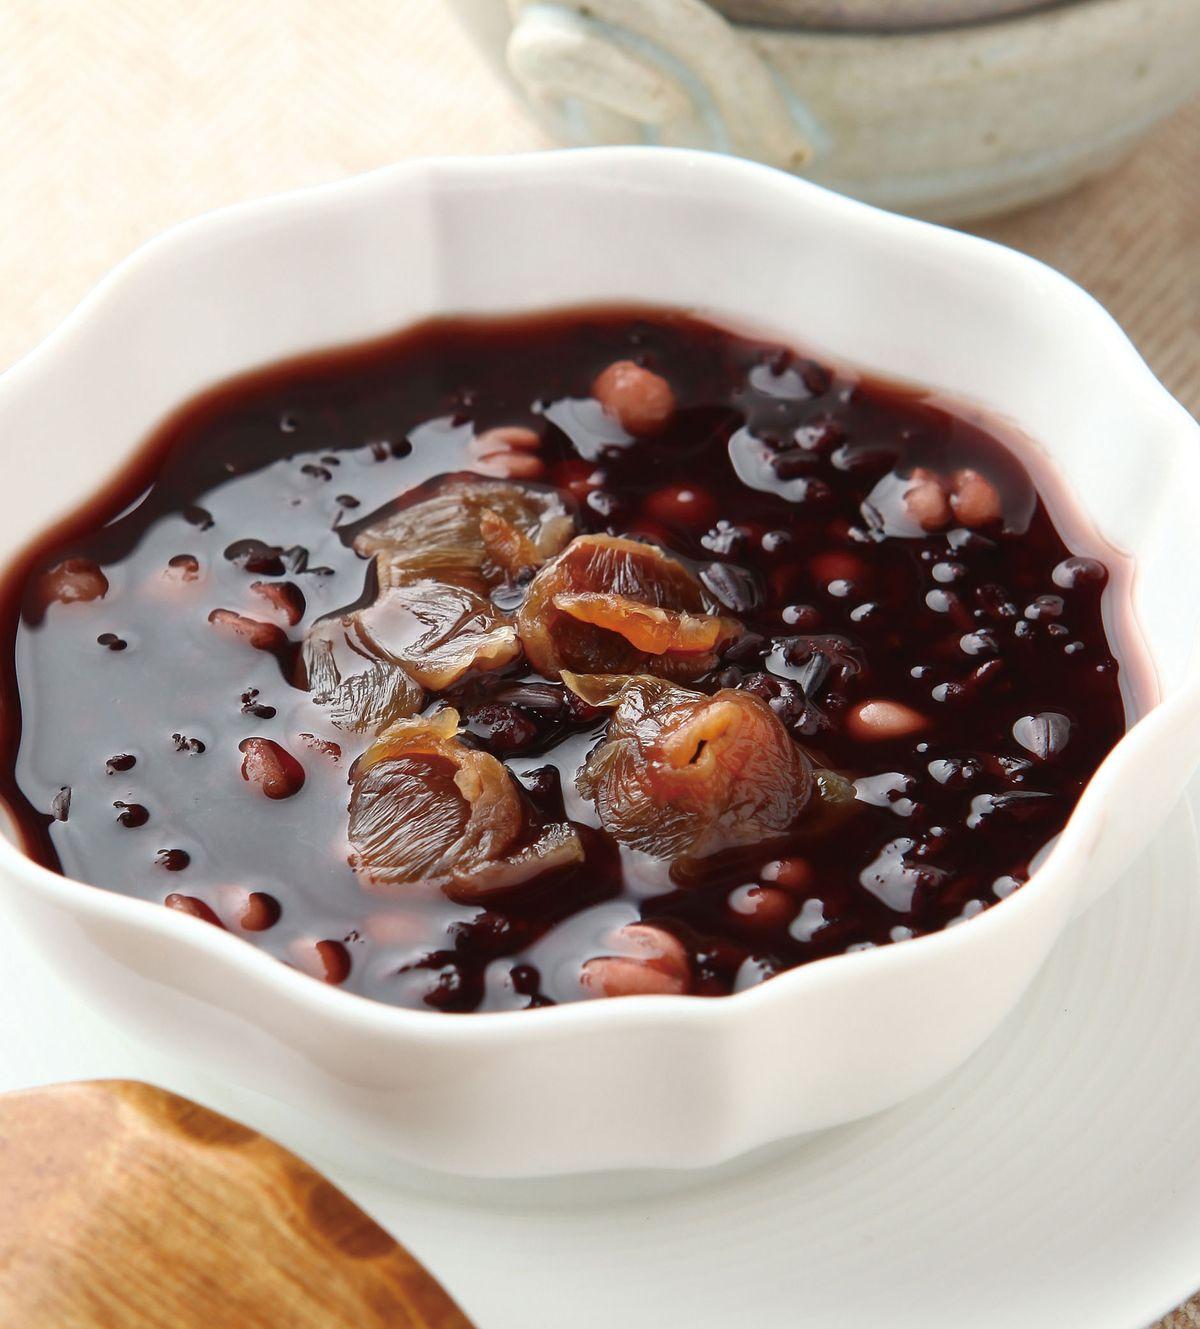 食譜:紫米薏仁桂圓湯